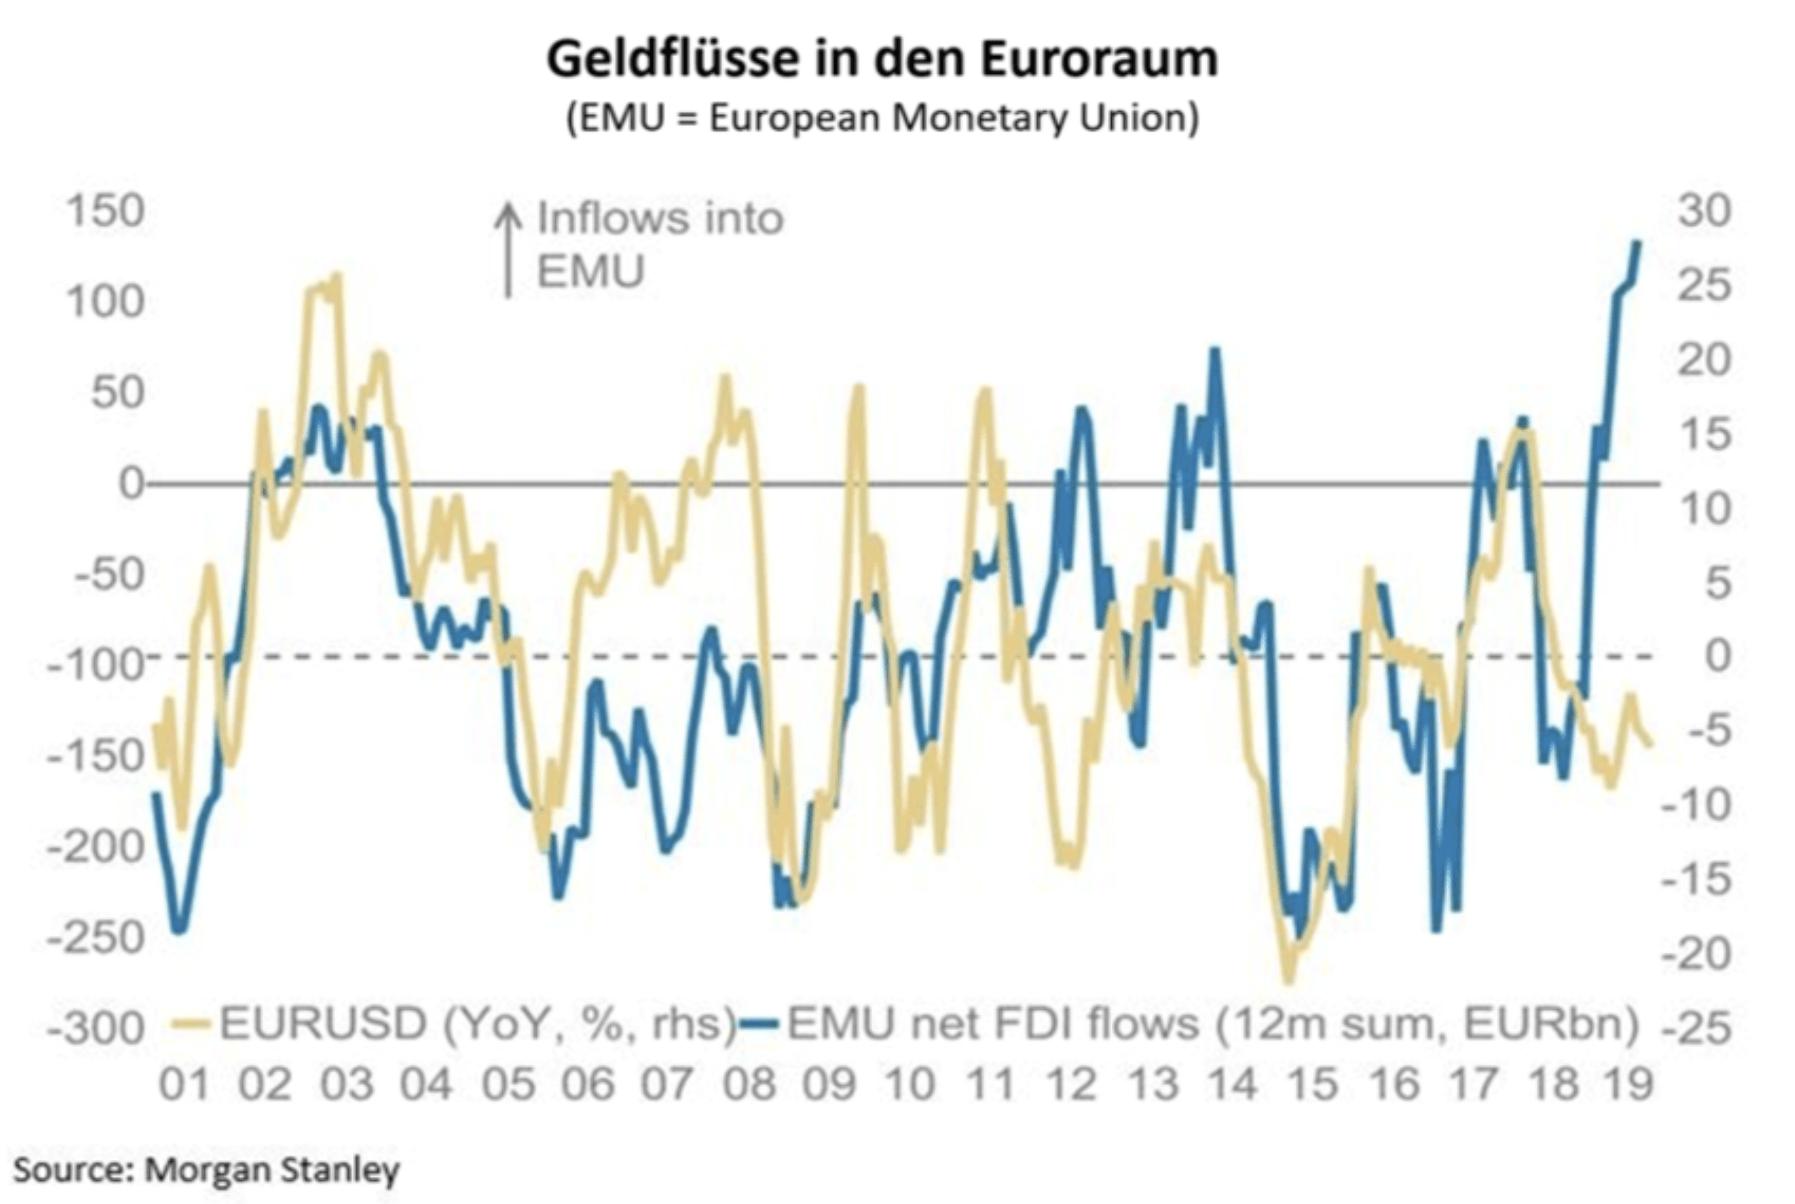 Geldflüsse in den Euroraum Chart